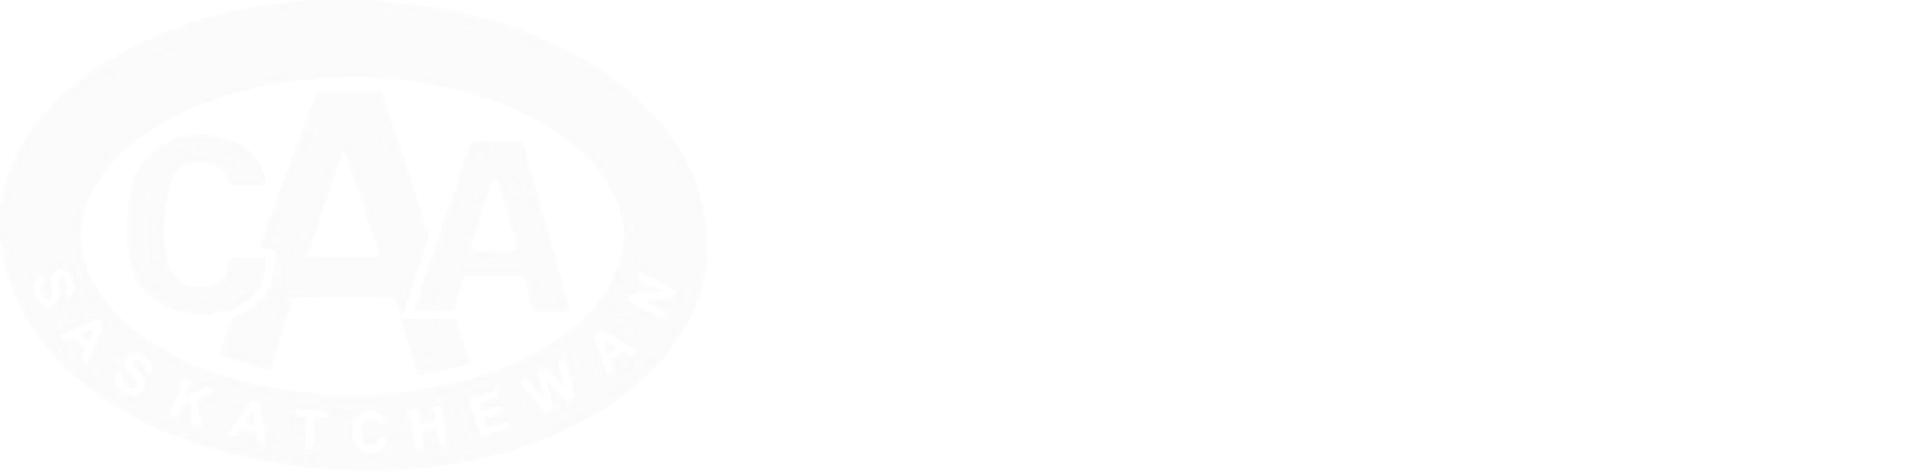 travel-insurance-logo-reverse